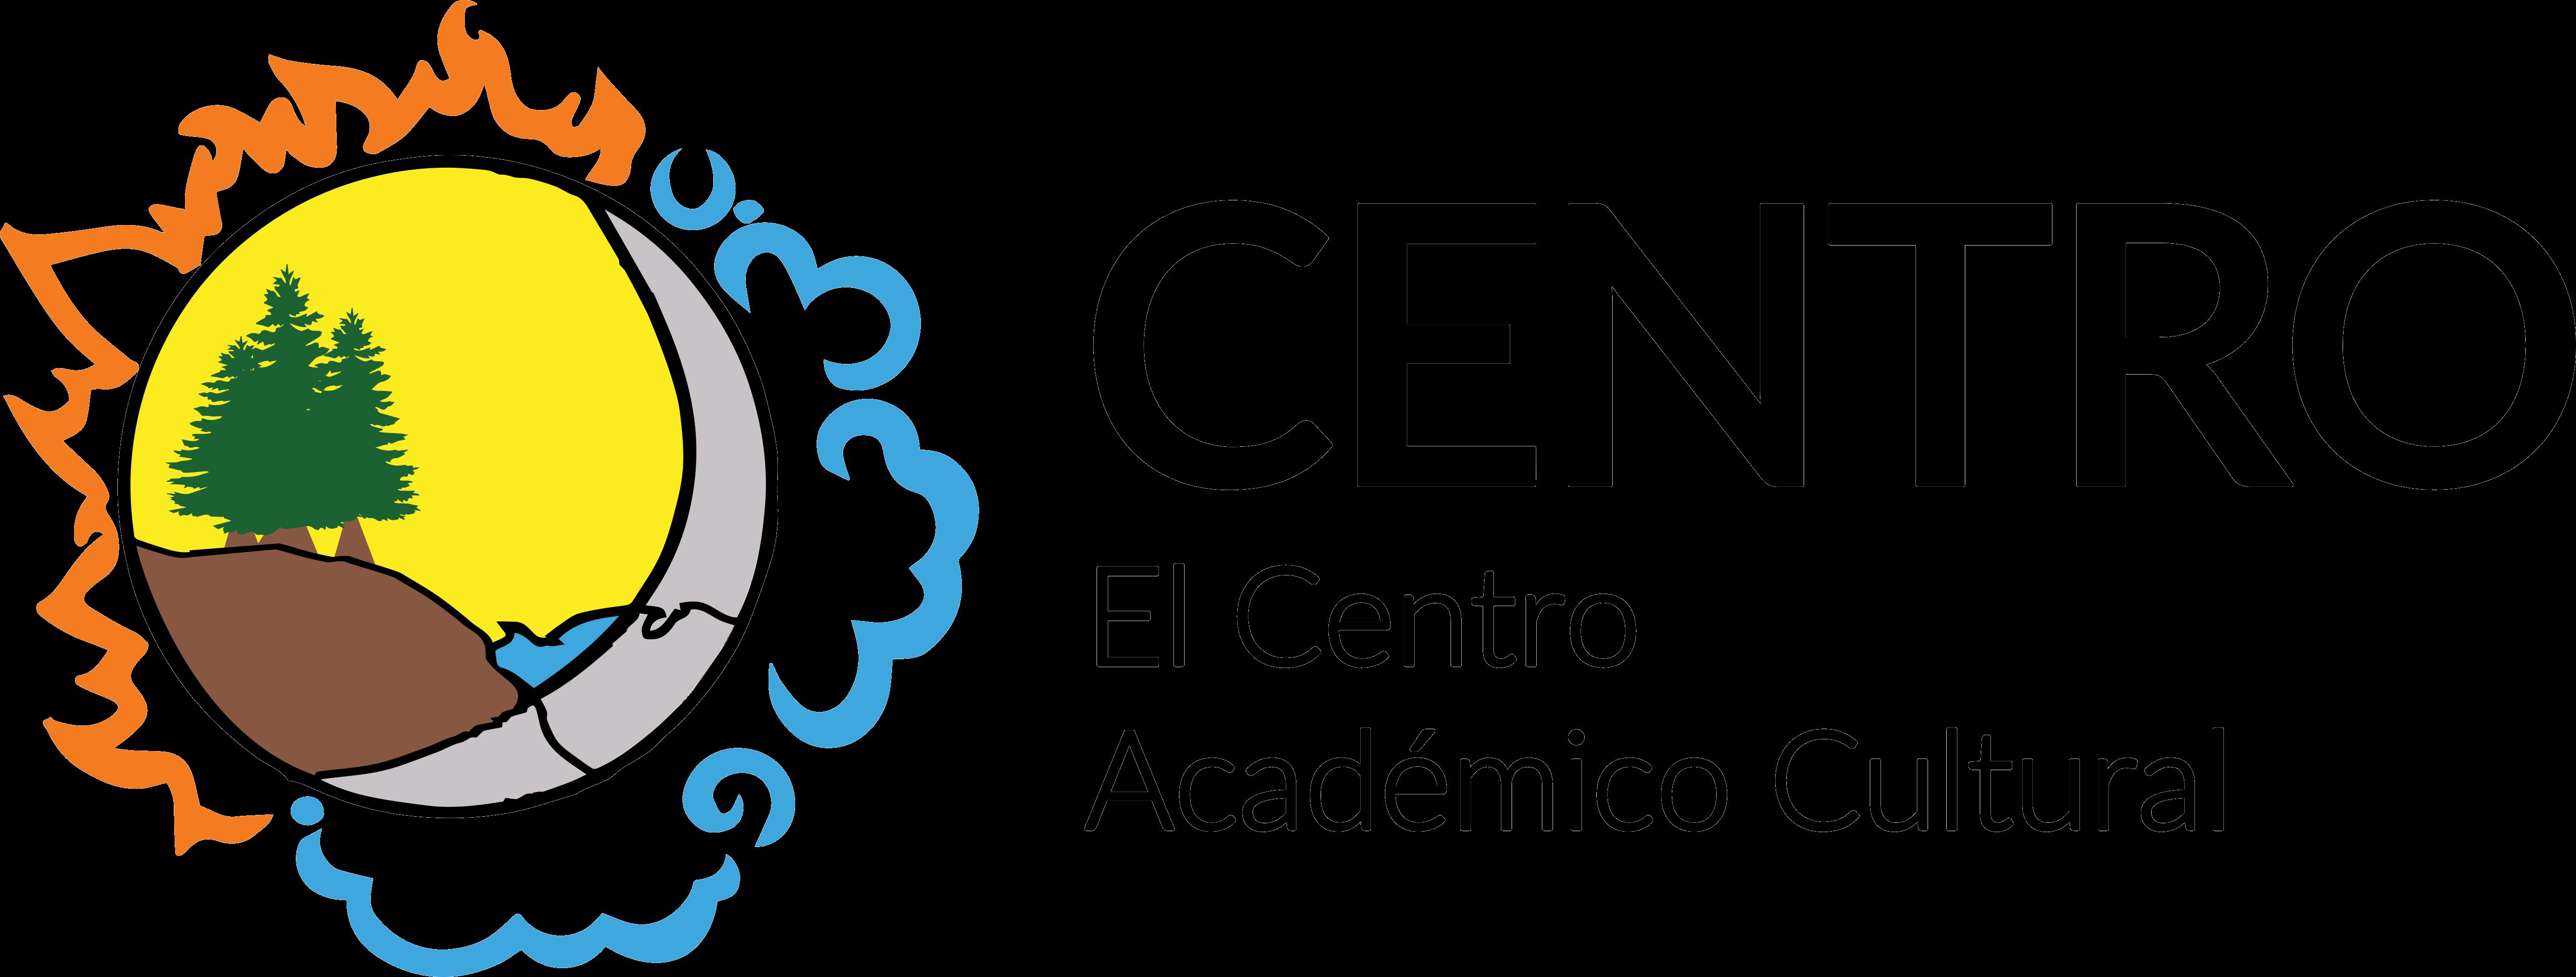 El Centro Academico Cultural